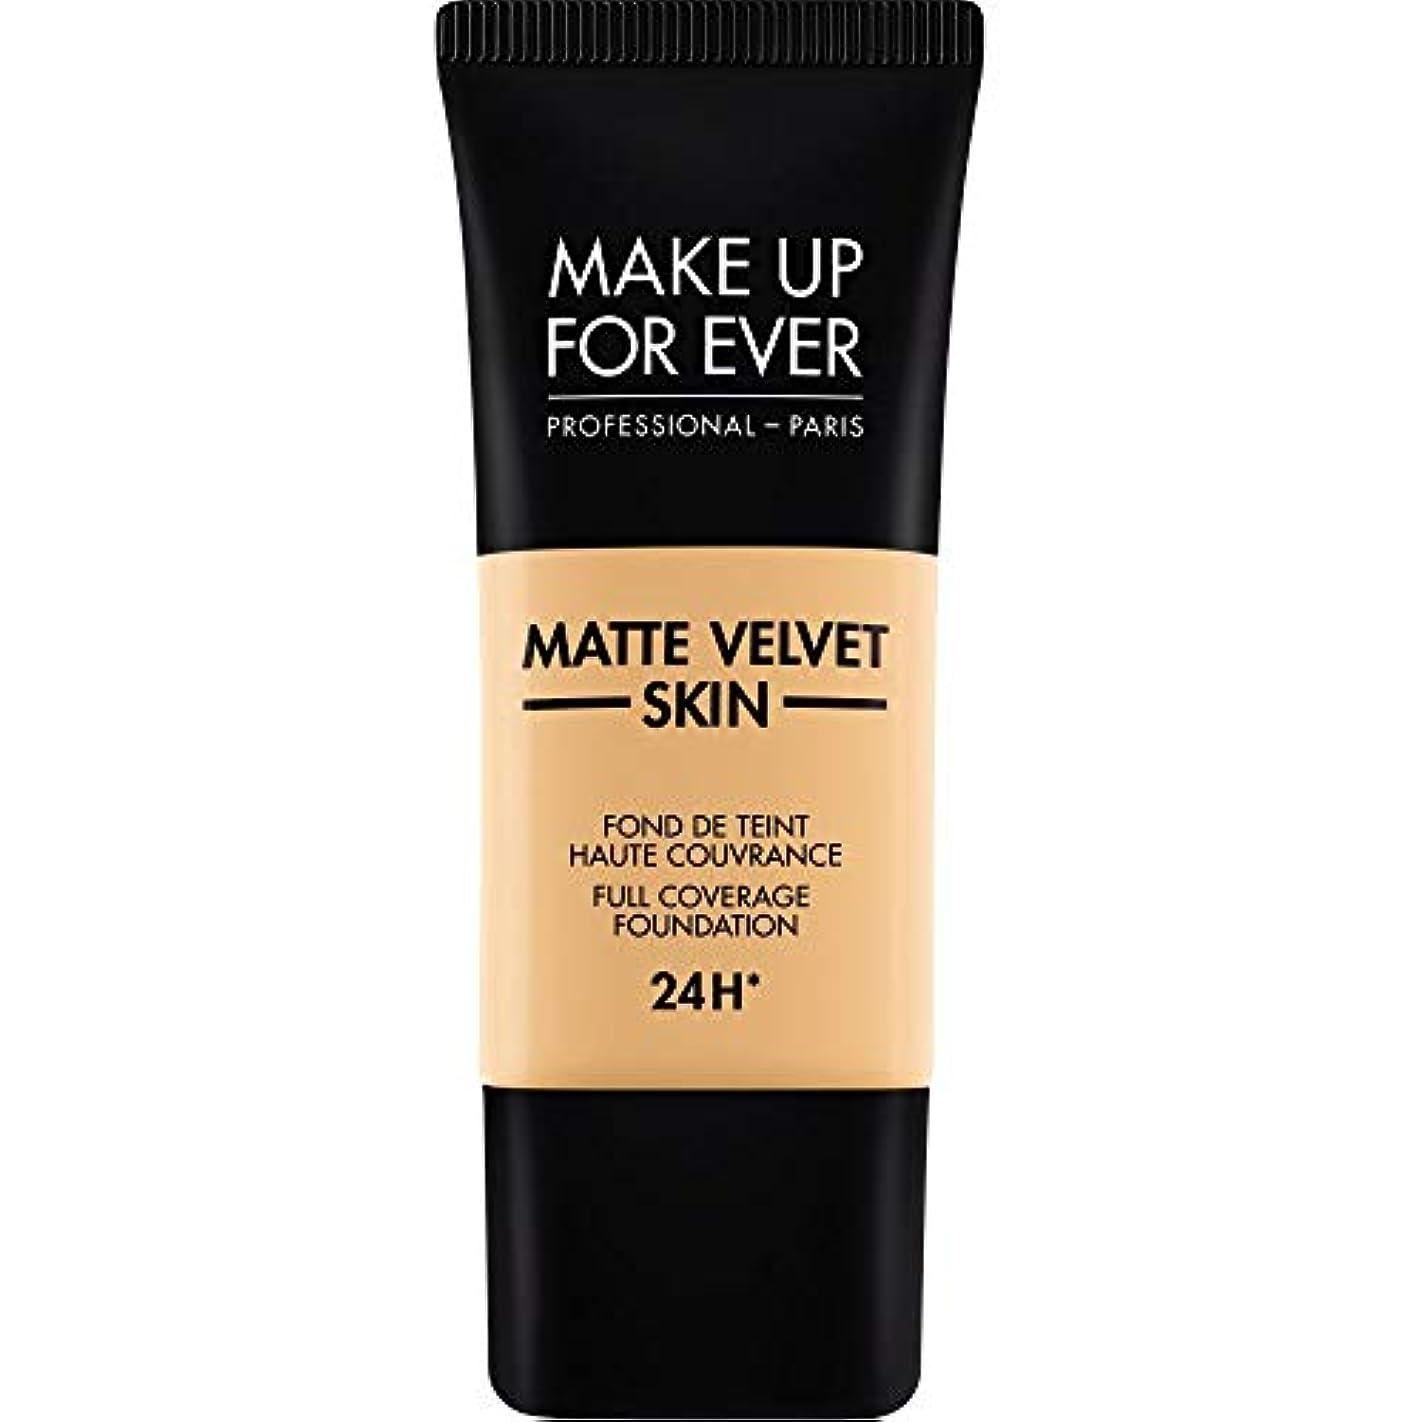 投獄困惑した知らせる[MAKE UP FOR EVER ] 柔らかい砂 - これまでマットベルベットの皮膚のフルカバレッジ基礎30ミリリットルのY245を補います - MAKE UP FOR EVER Matte Velvet Skin Full...